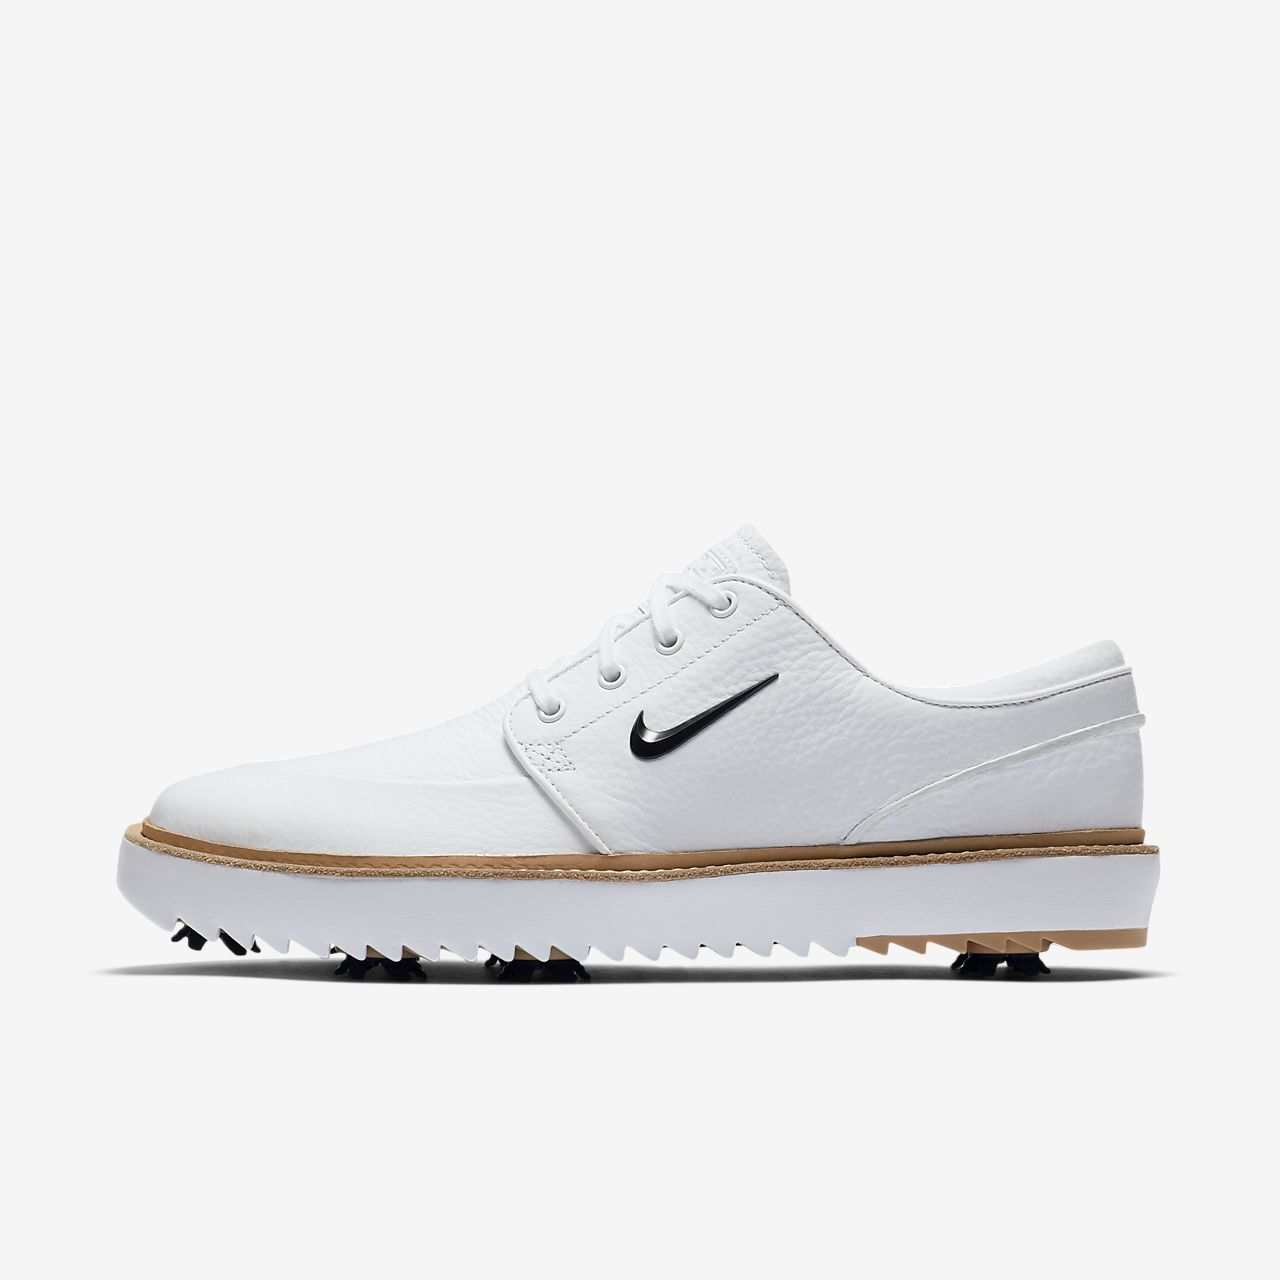 Calzado de golf para hombre Nike Janoski G Tour